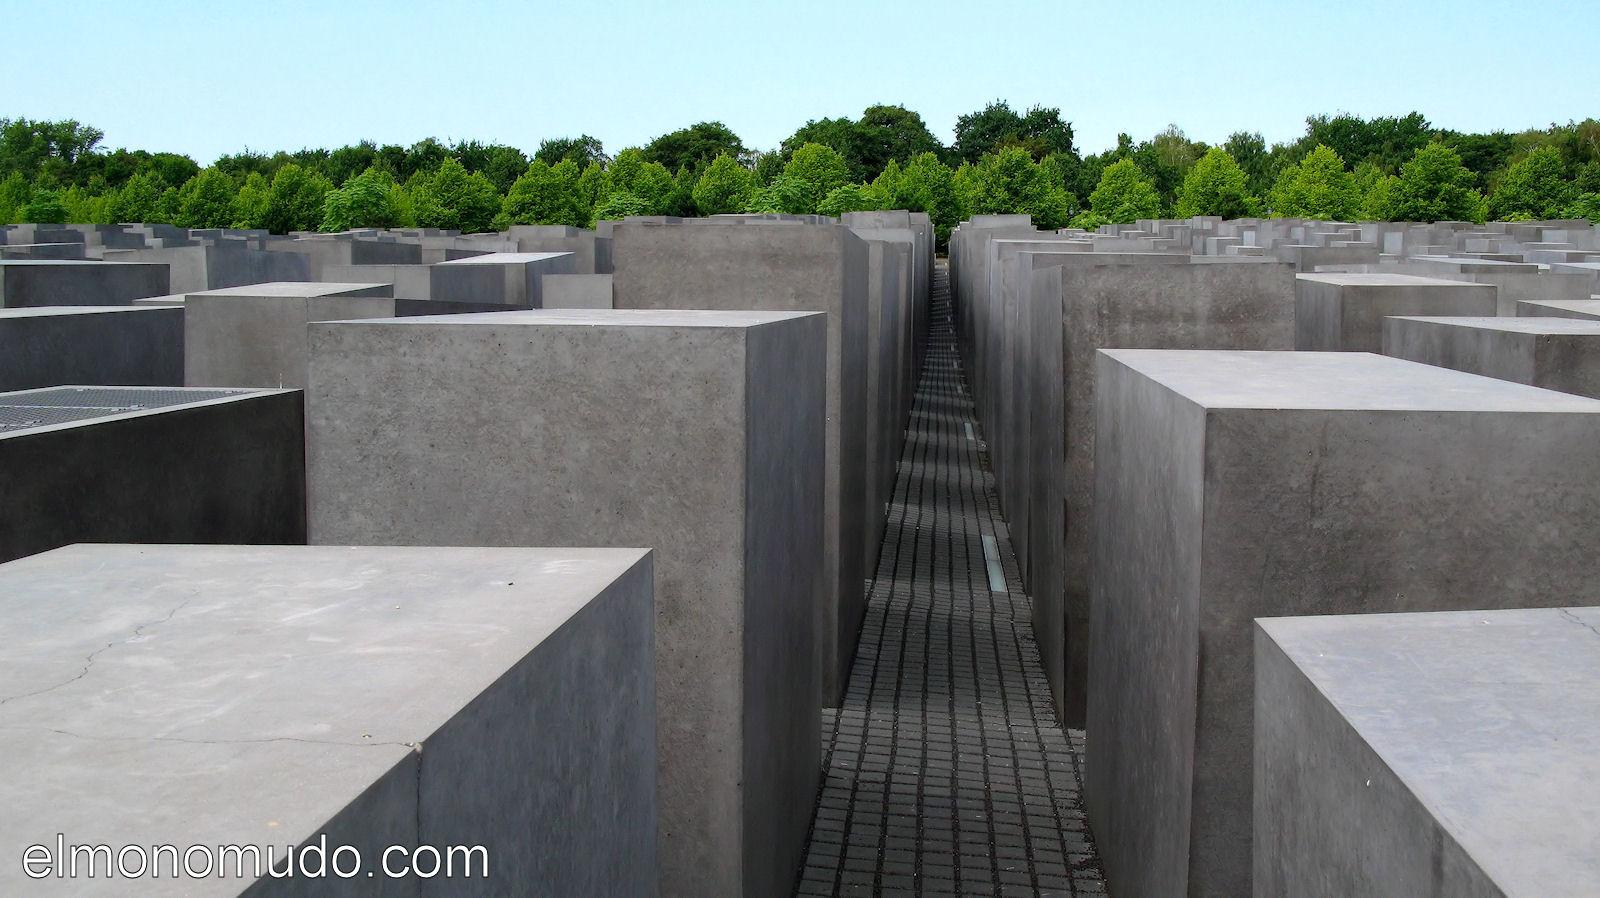 Monumento al holocausto berlin - Losas de hormigon para jardines ...